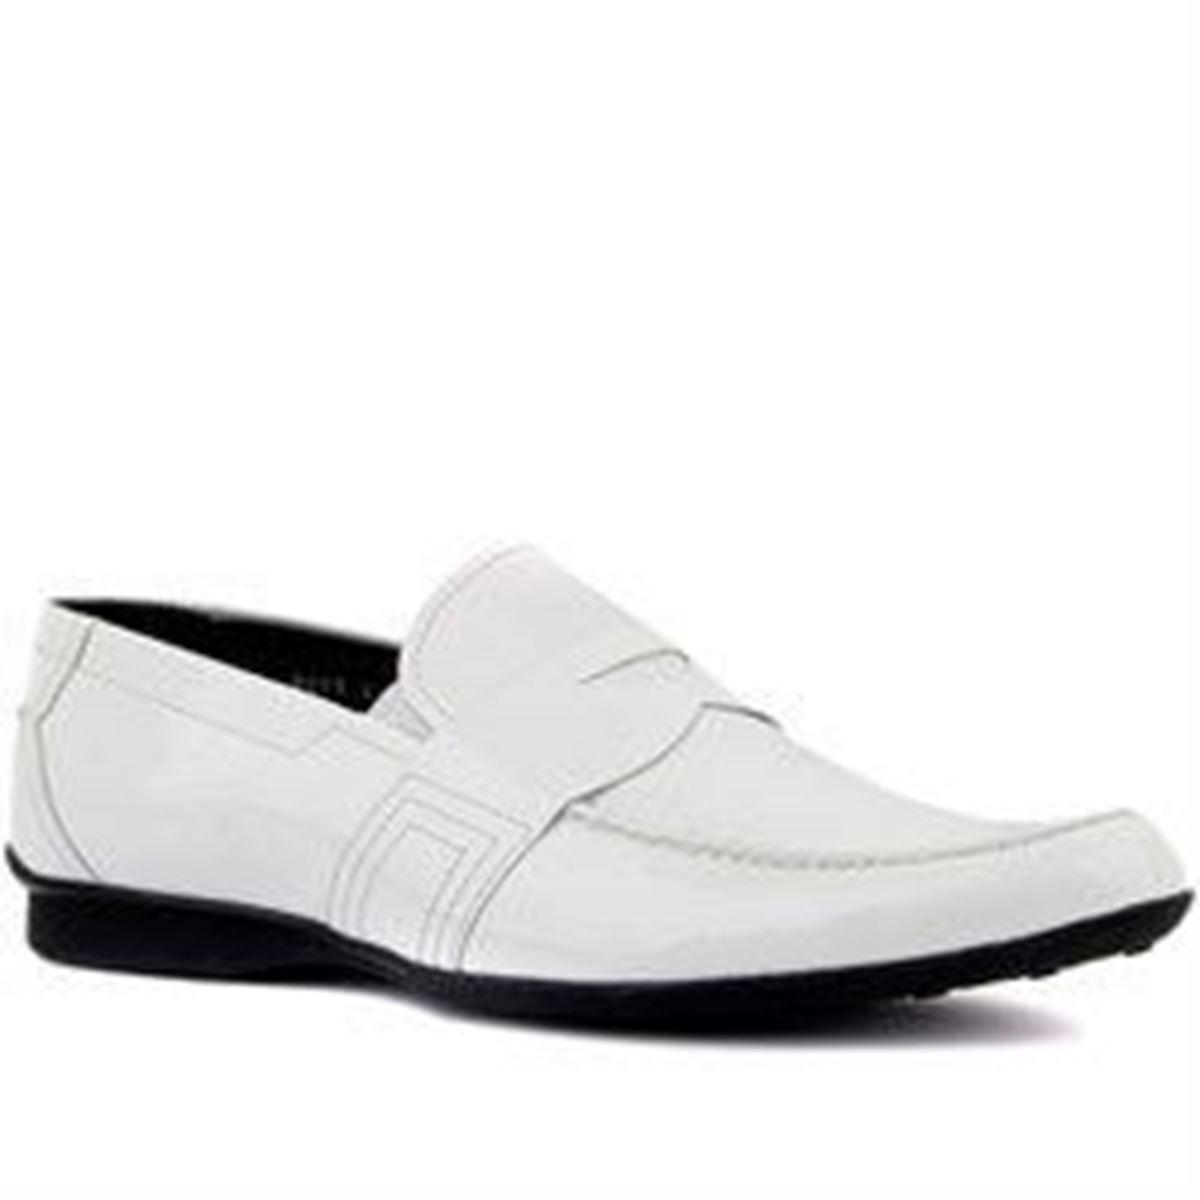 Picture of Sail Lakers - Beyaz Rugan Erkek Günlük Ayakkabı